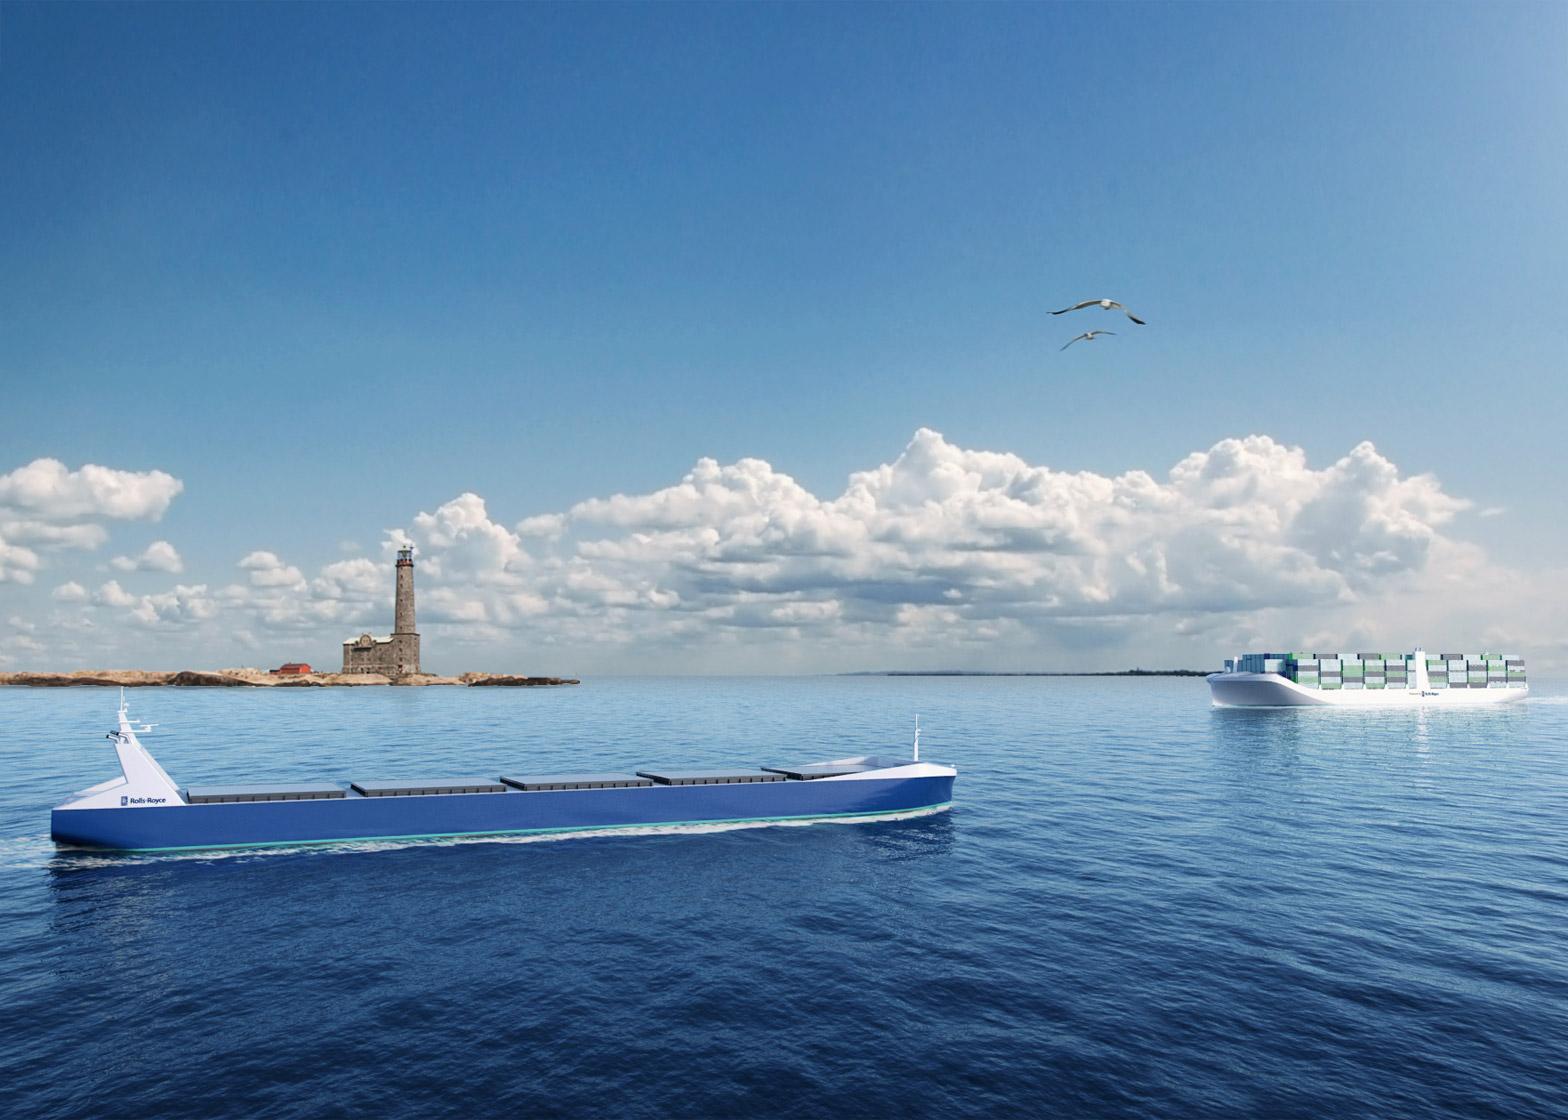 Rolls Royce unveil autonomous cargo ship concept